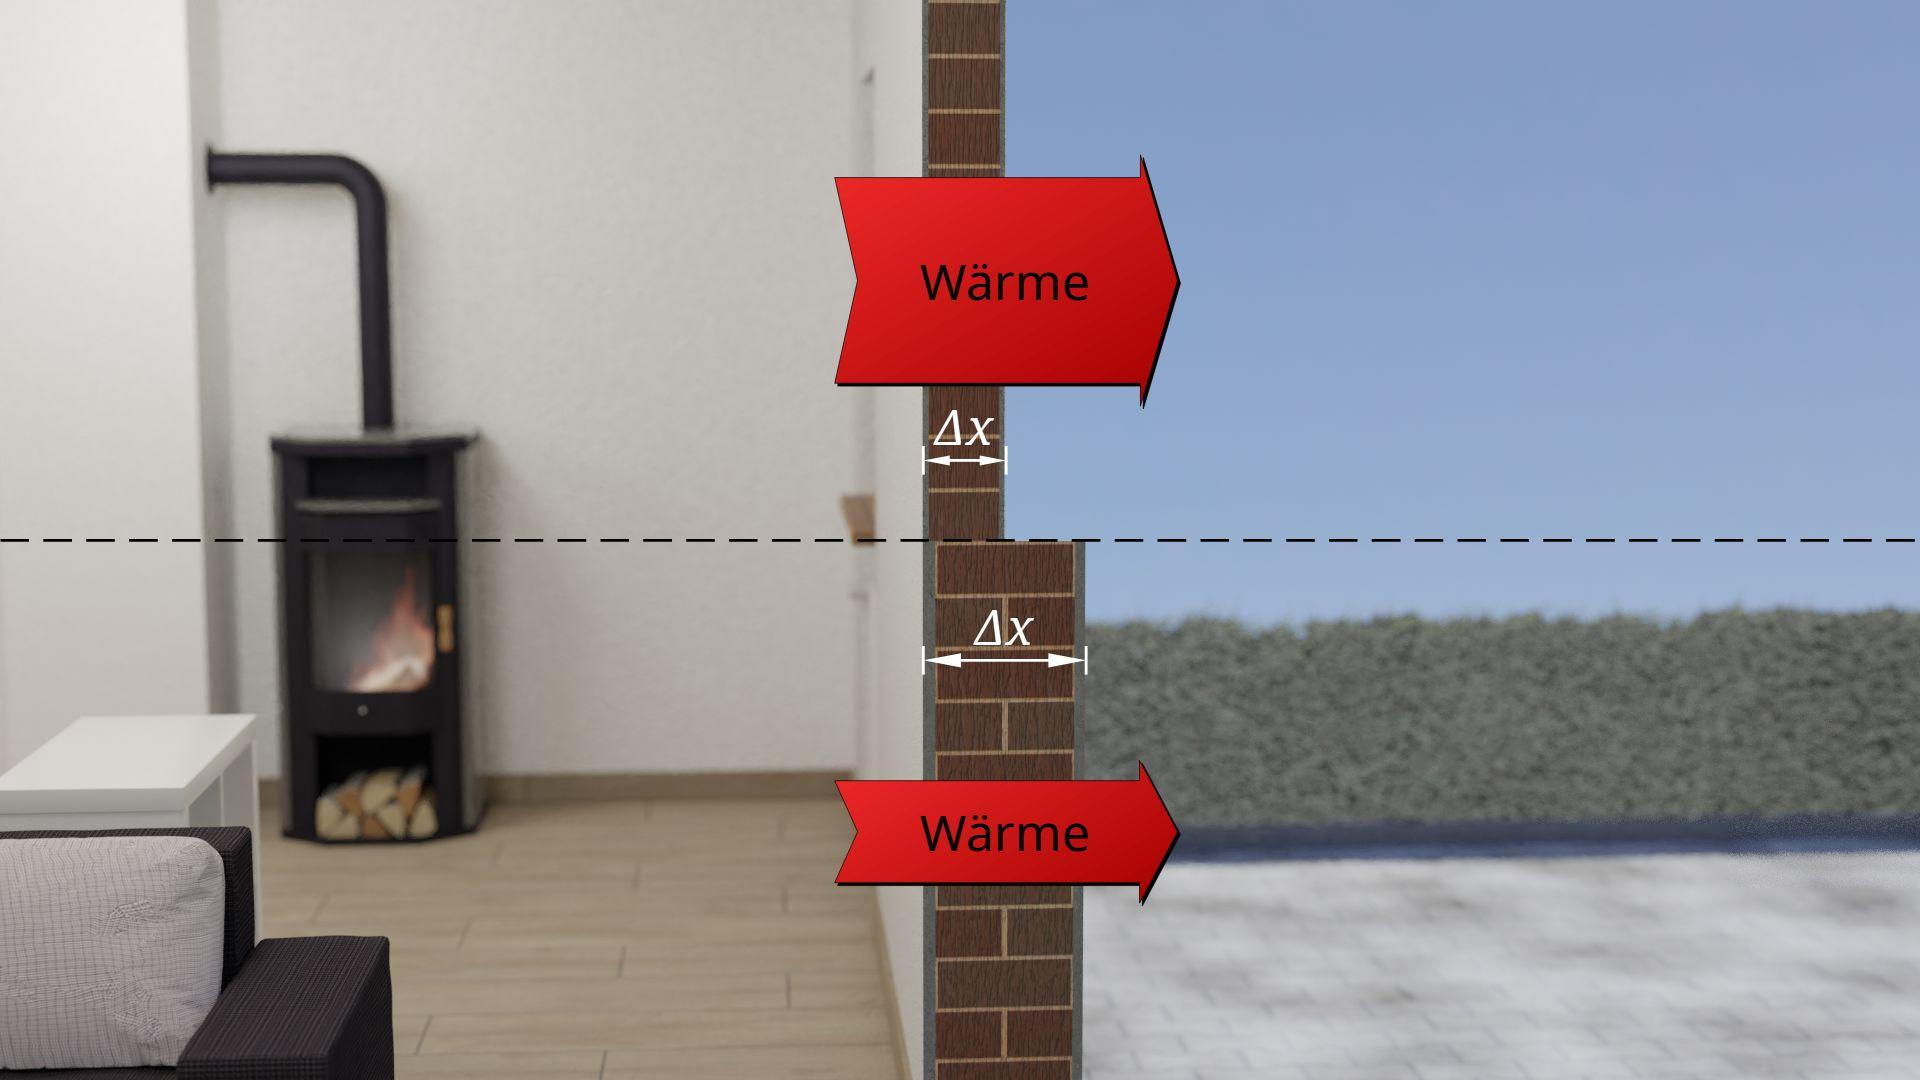 Wärmestrom durch eine dicke und eine dünne Gebäudewand